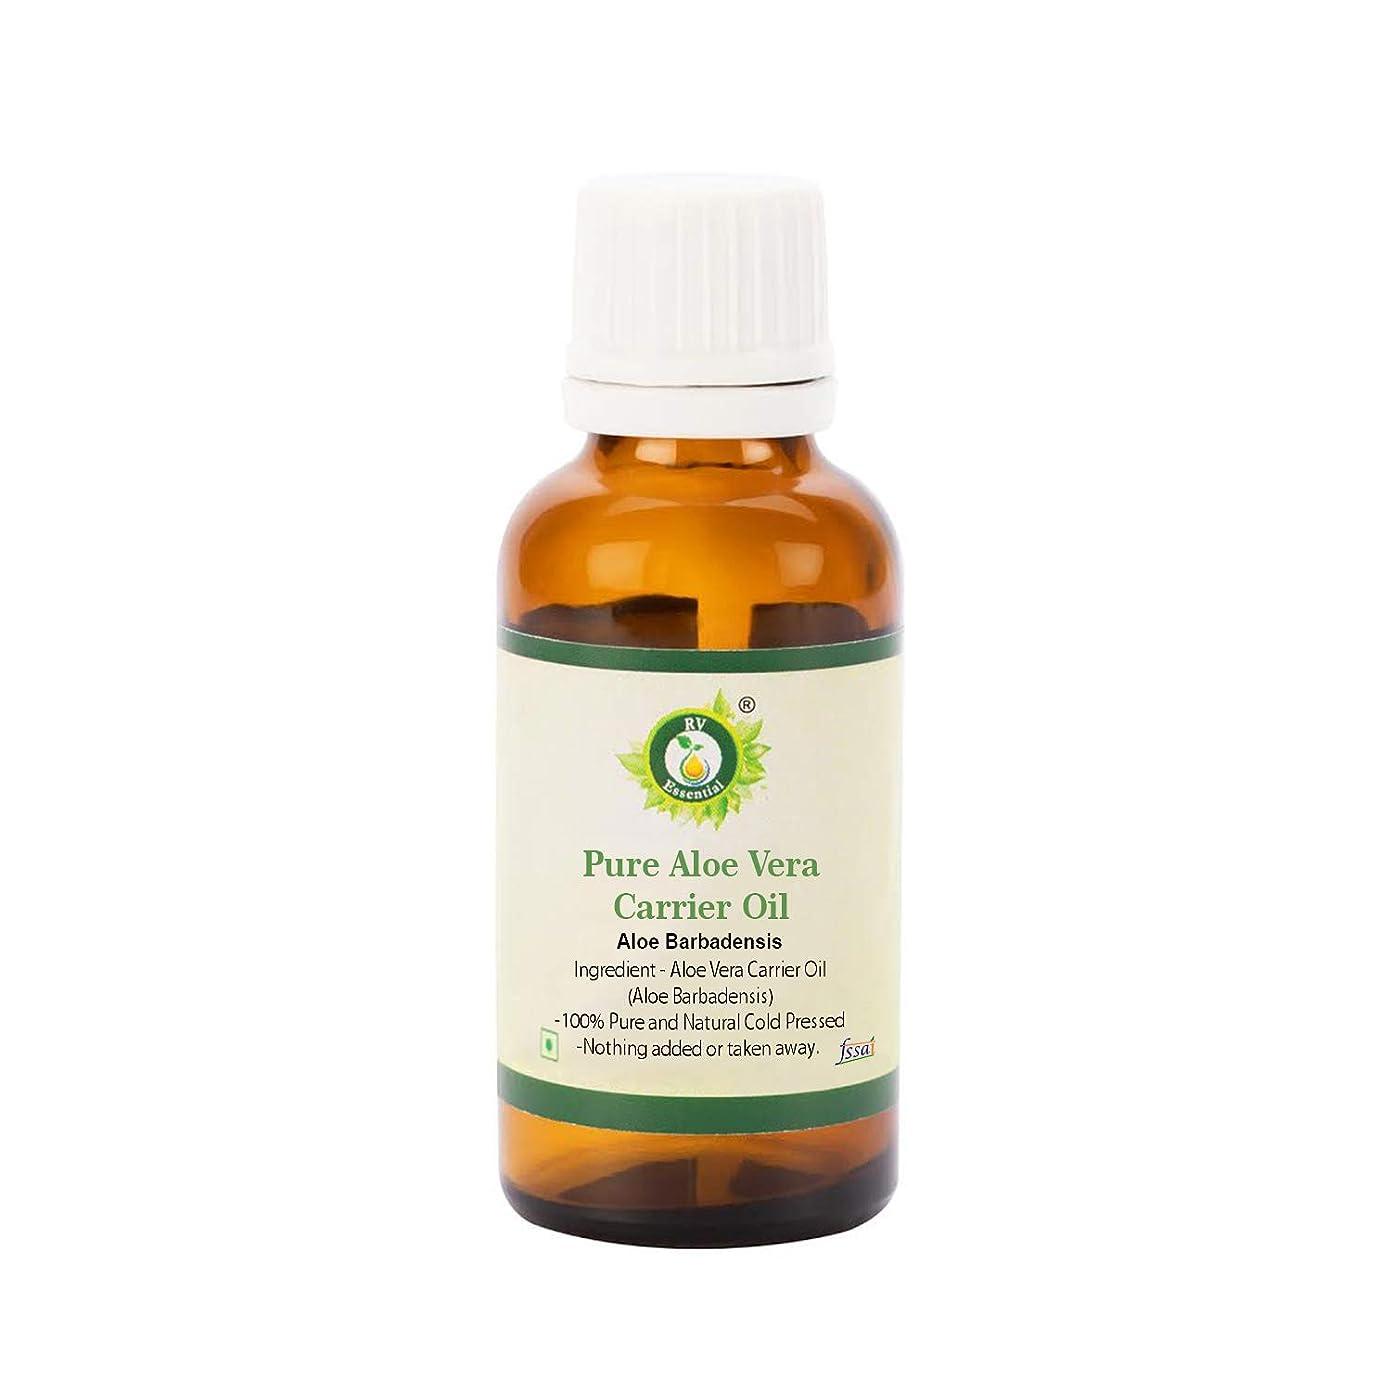 提案する一杯後者R V Essential 純粋なアロエベラキャリアオイル30ml (1.01oz)- Aloe Barbadensis (100%ピュア&ナチュラルコールドPressed) Pure Aloe Vera Carrier Oil